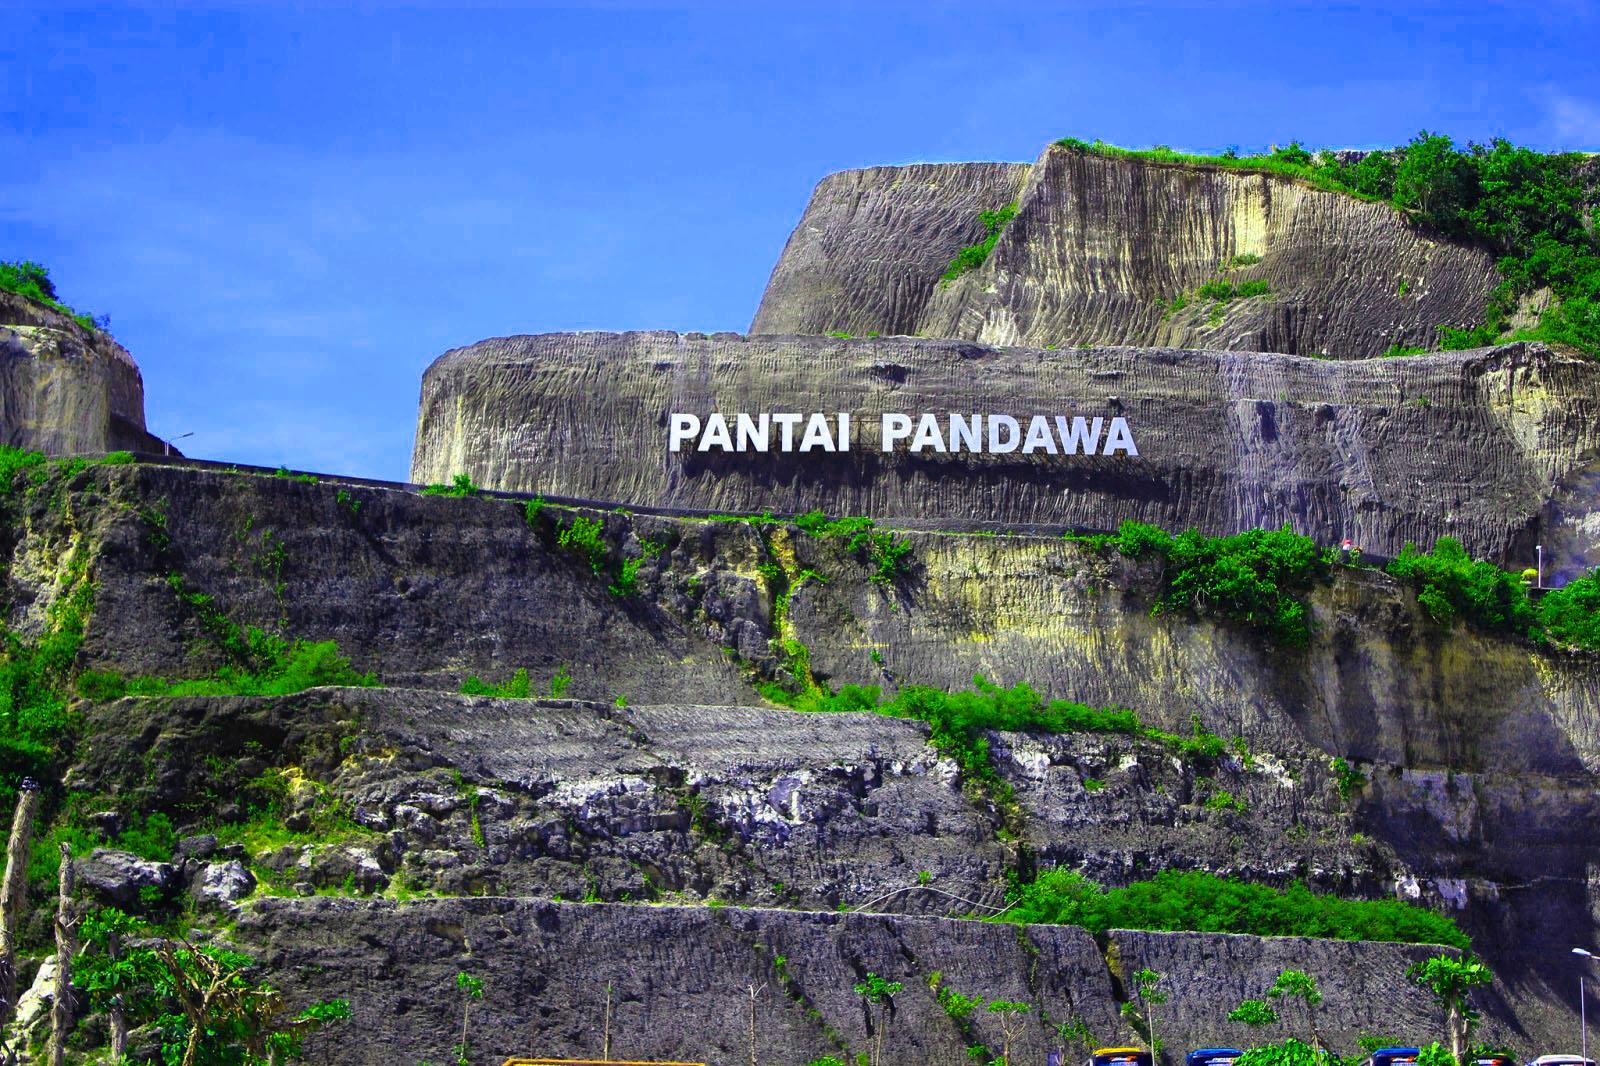 pandawa_2-4